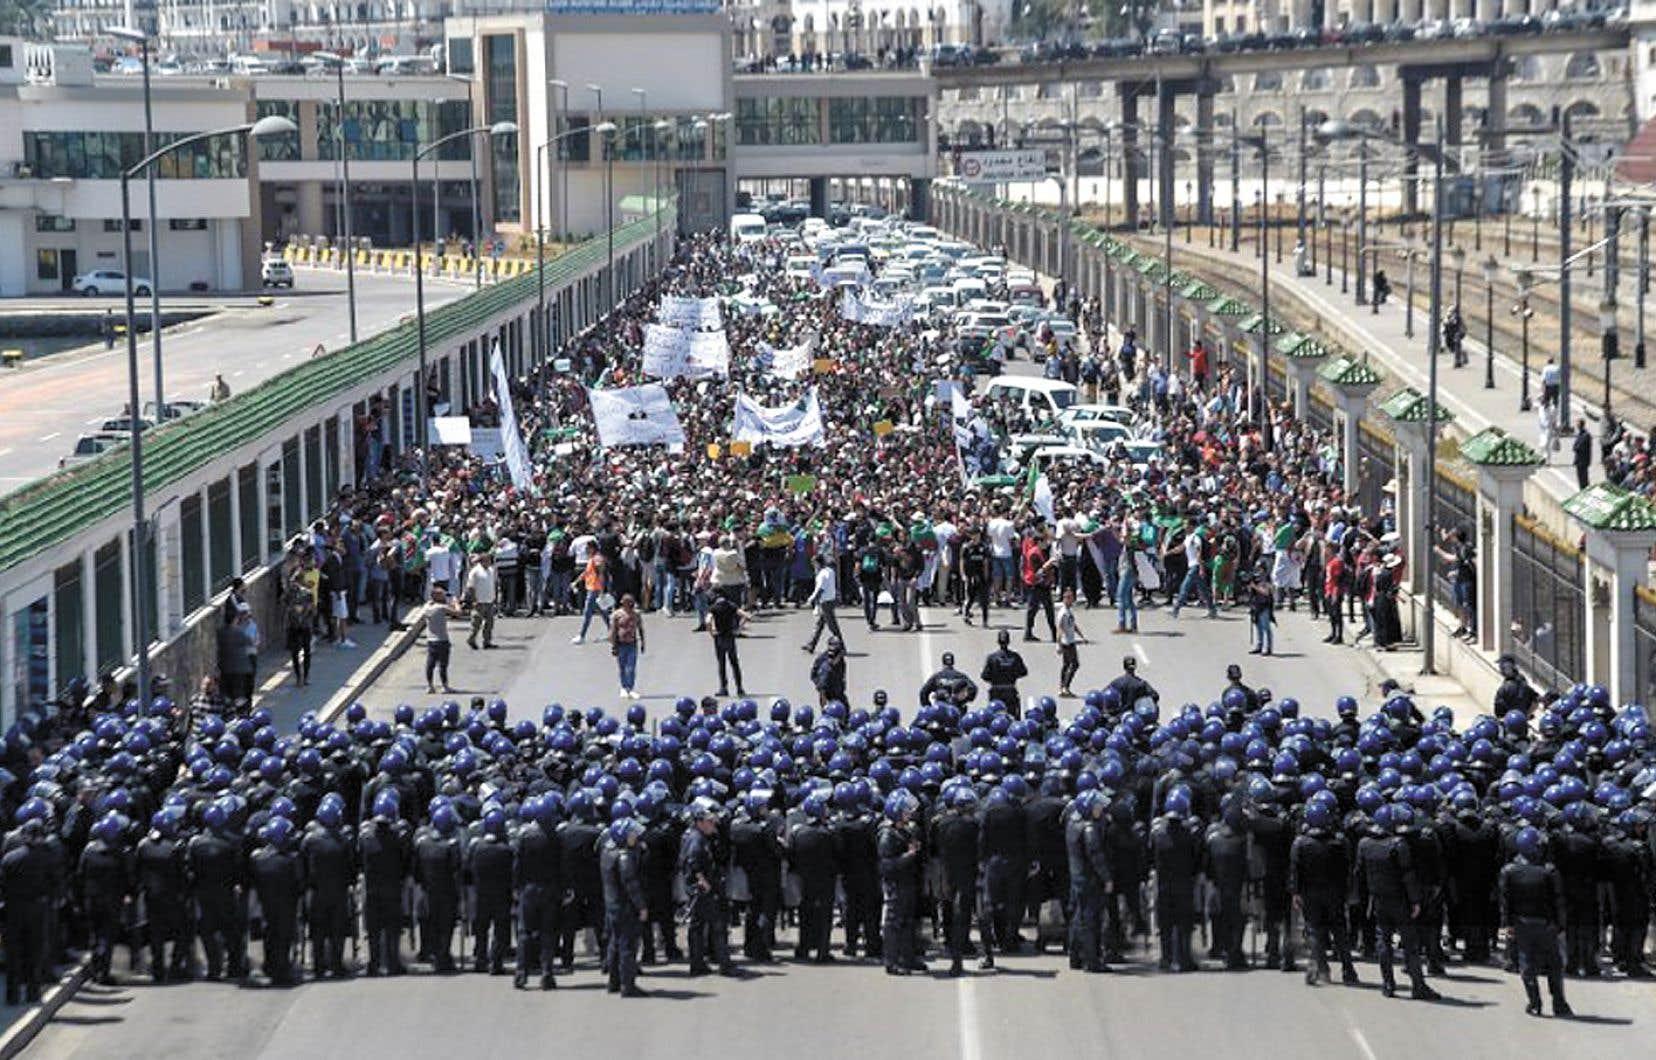 Des centaines d'étudiants algériens ont pris part à une manifestation hebdomadaire mardi dans les rues de la capitale Alger. Les manifestants réclament la mise en place d'institutions de transition pour réformer profondément le système politique.